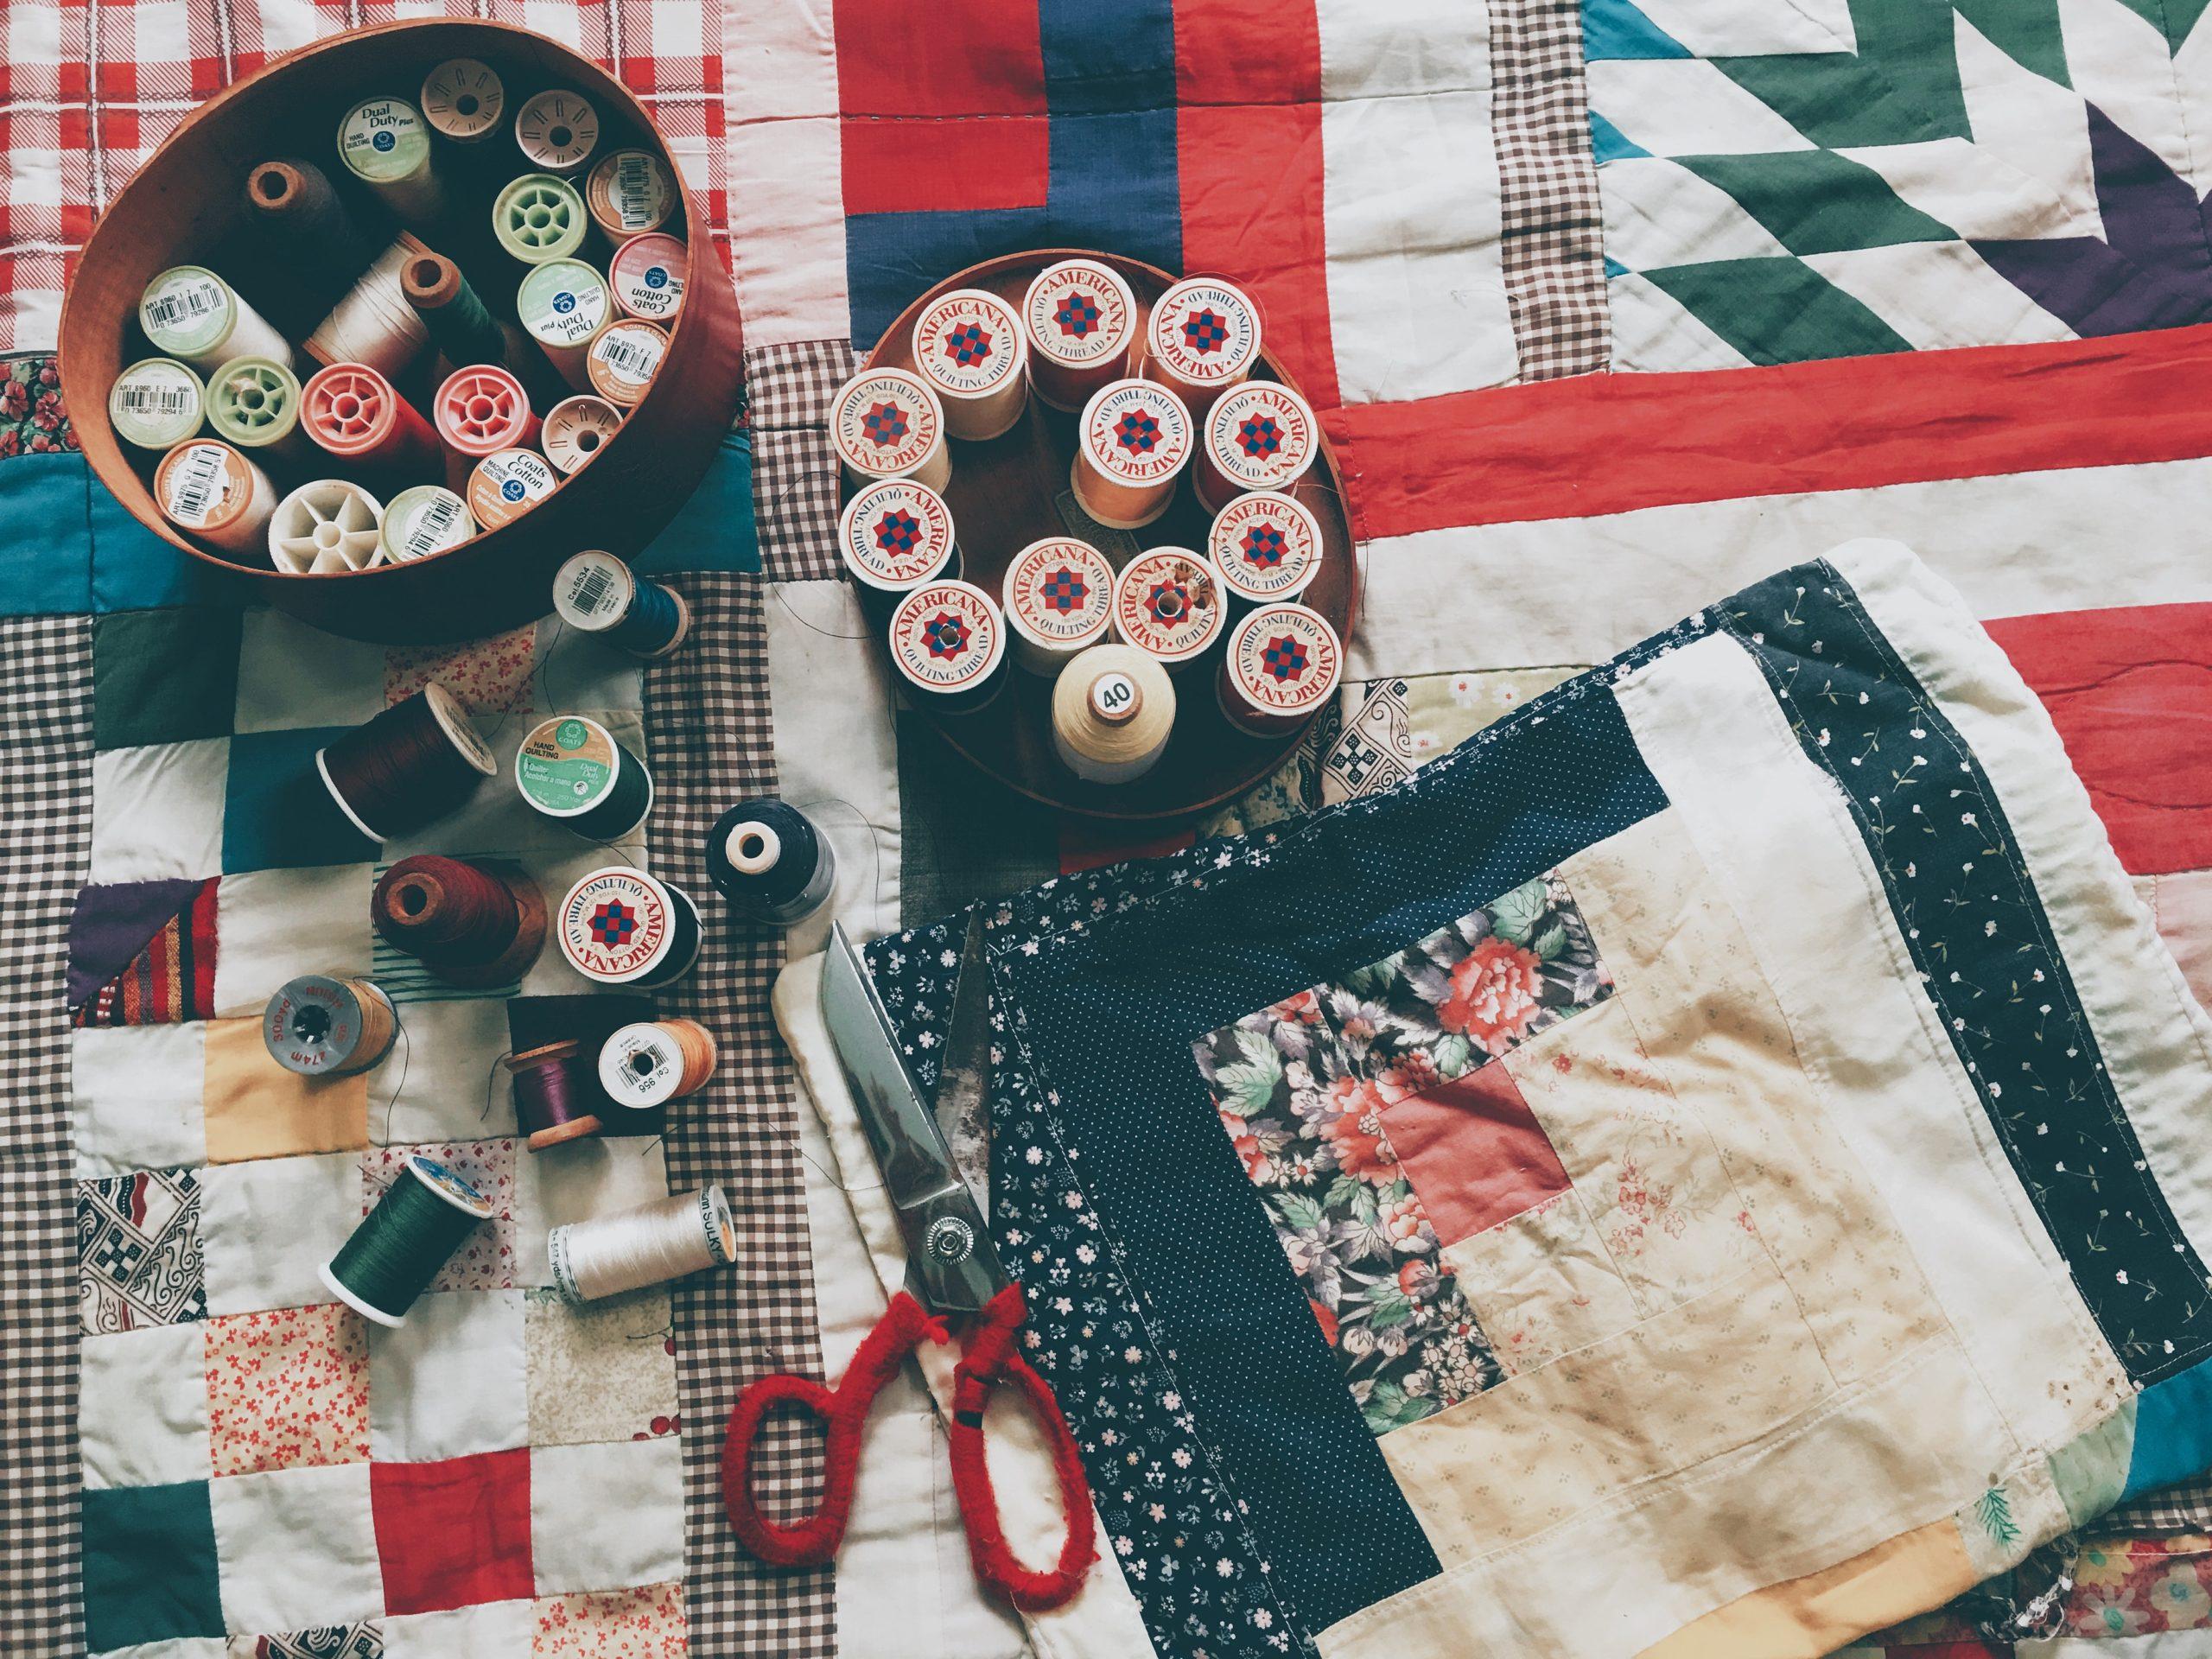 Auf diesem Bild sieht man Stoffe, Nadeln und Faden und eine Schere.